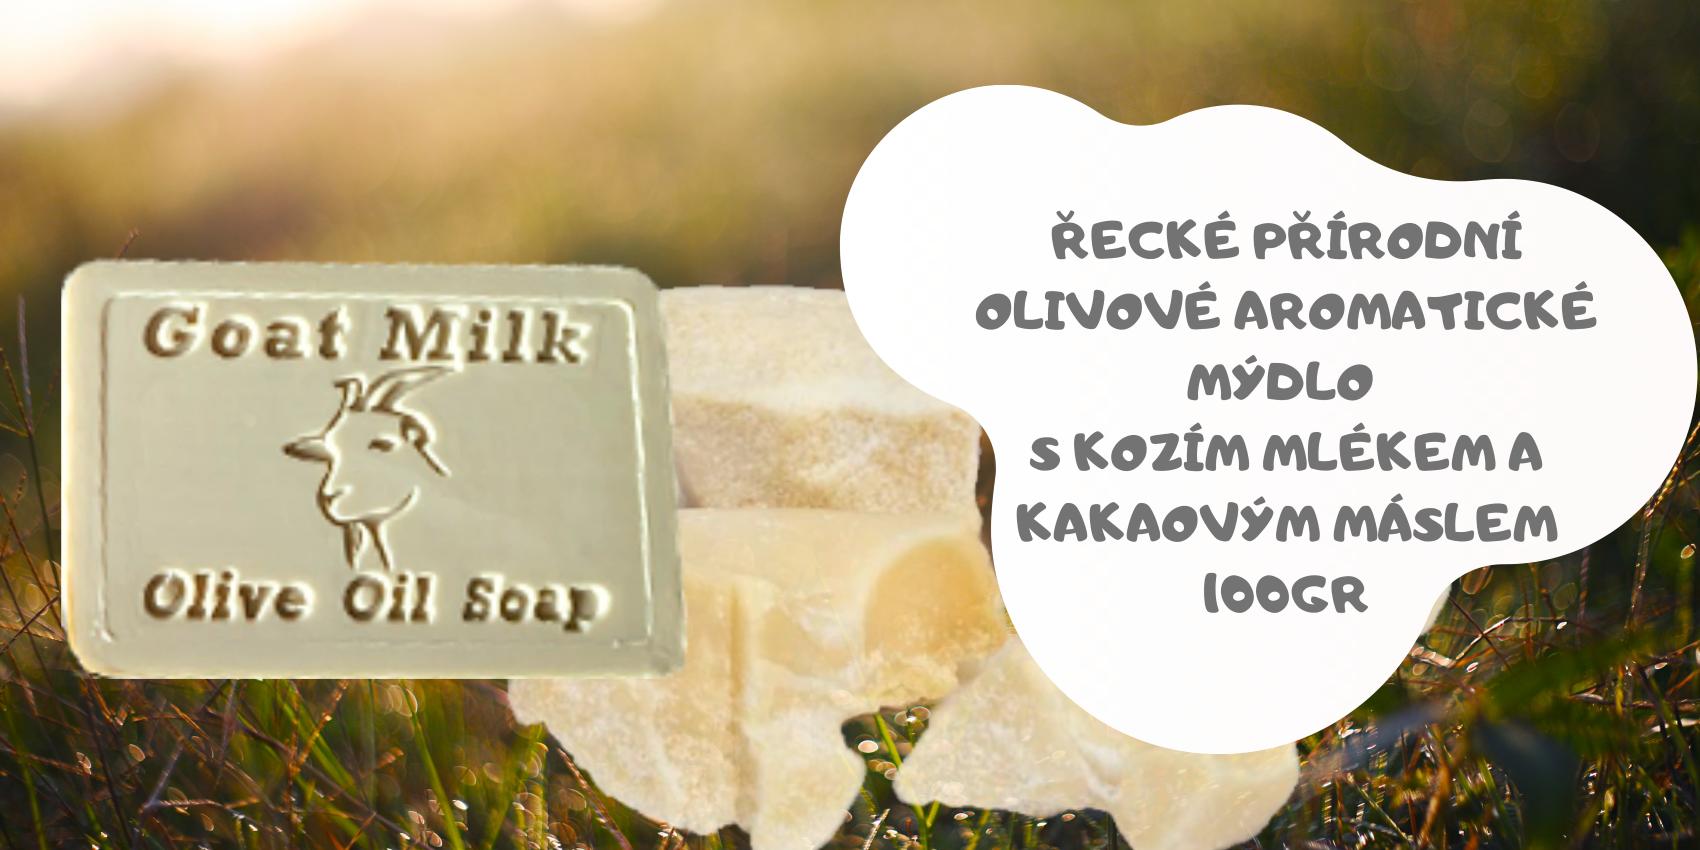 Aromatické olivové mýdlo s kozím mlékem a kakaovým máslem 100gr